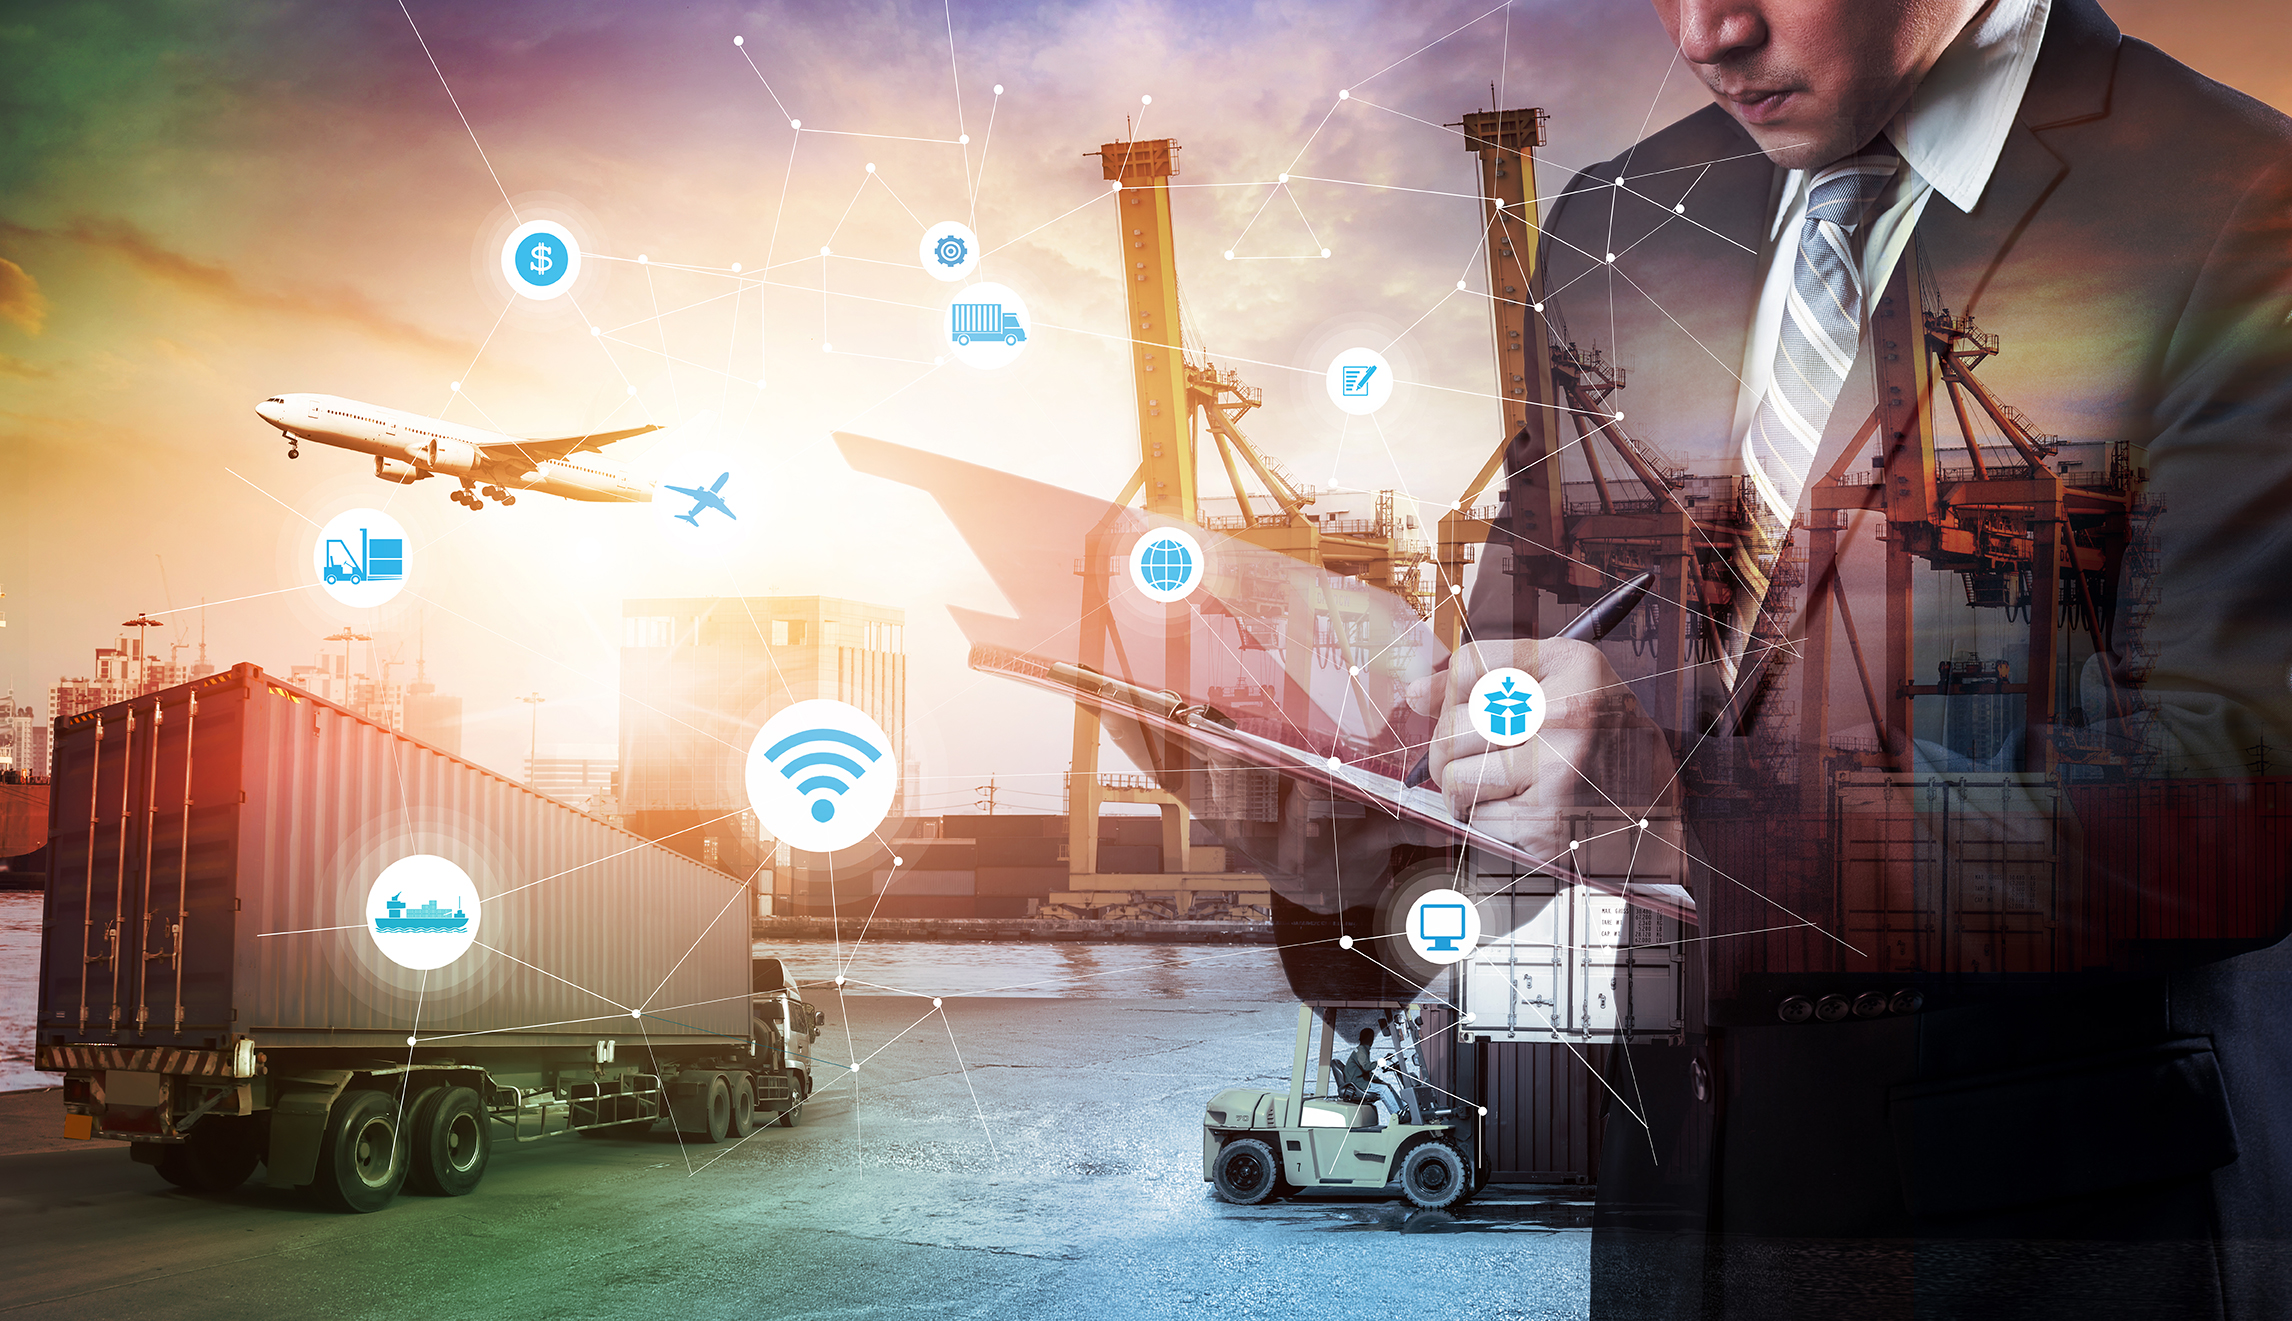 Управление цепочками поставок! Цифровизация локальных и глобальных рынков